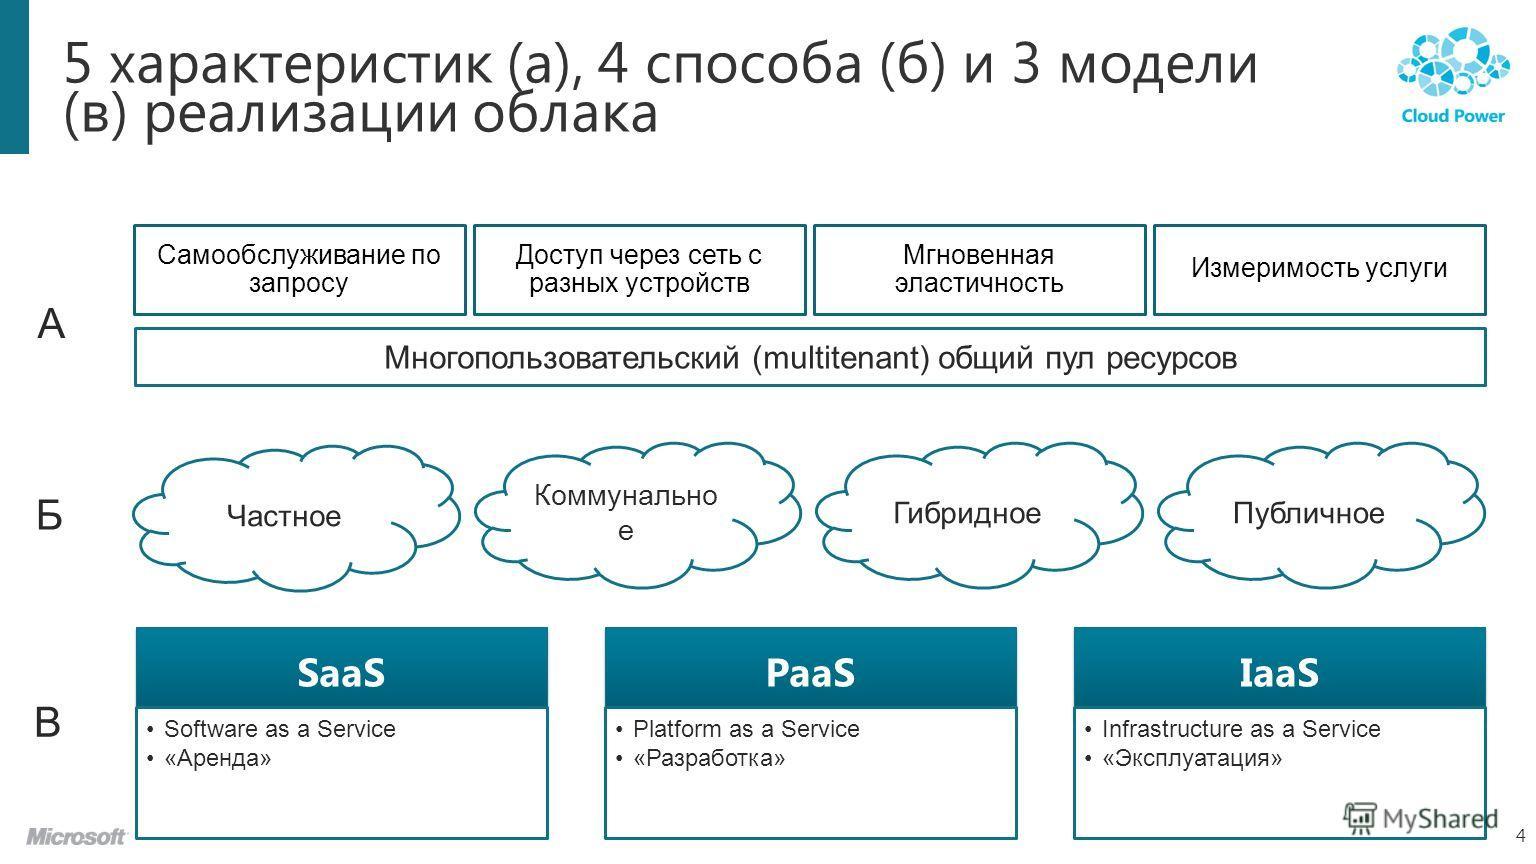 5 характеристик (a), 4 способа (б) и 3 модели (в) реализации облака 4 Частное Коммунально е Гибридное Публичное SaaS Software as a Service «Аренда» PaaS Platform as a Service «Разработка» IaaS Infrastructure as a Service «Эксплуатация» Самообслуживан